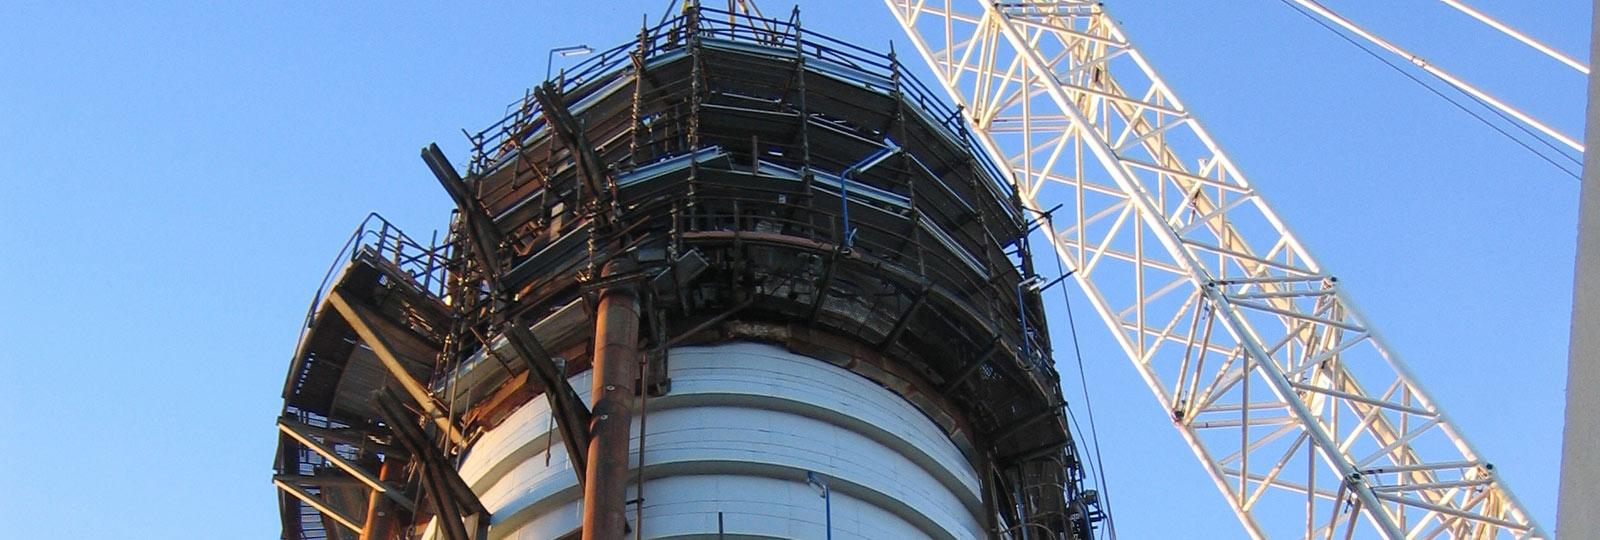 Attività di revamping e manutenzione di impianti